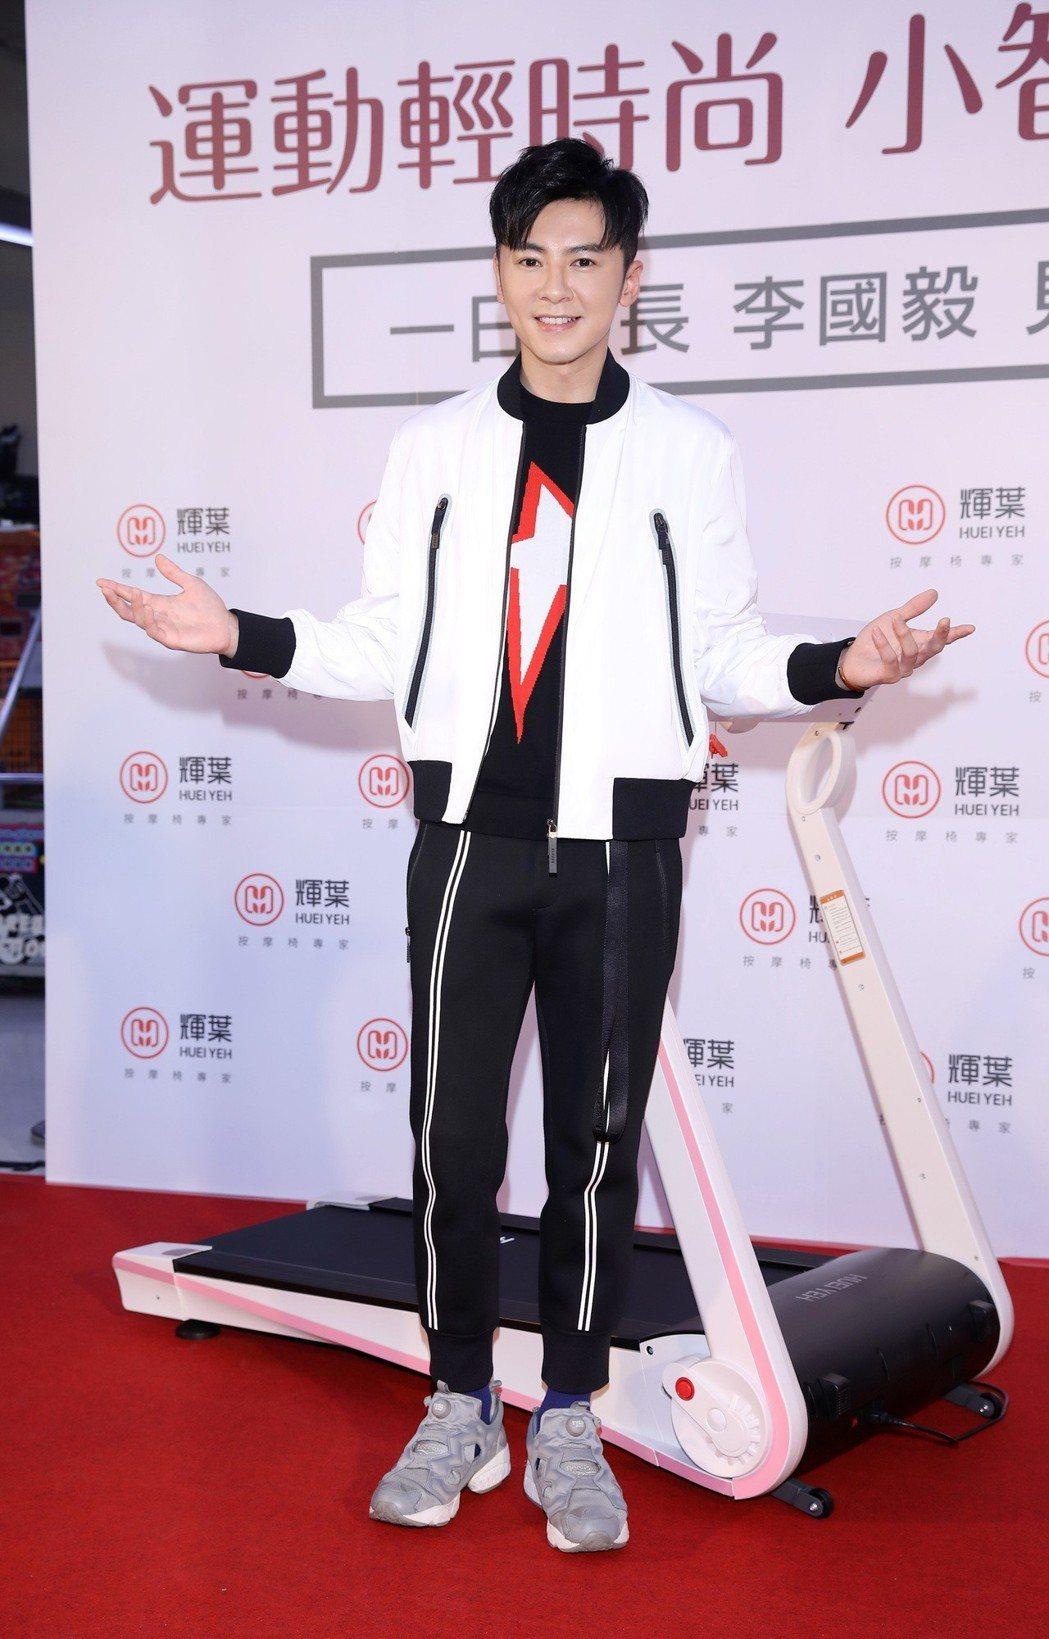 李國毅為健身器材擔任一日店長。圖/弗利思特提供